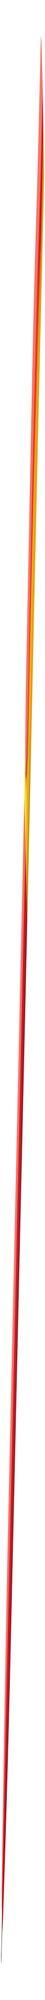 Ручка шариковая Pin Special, красно-желтая